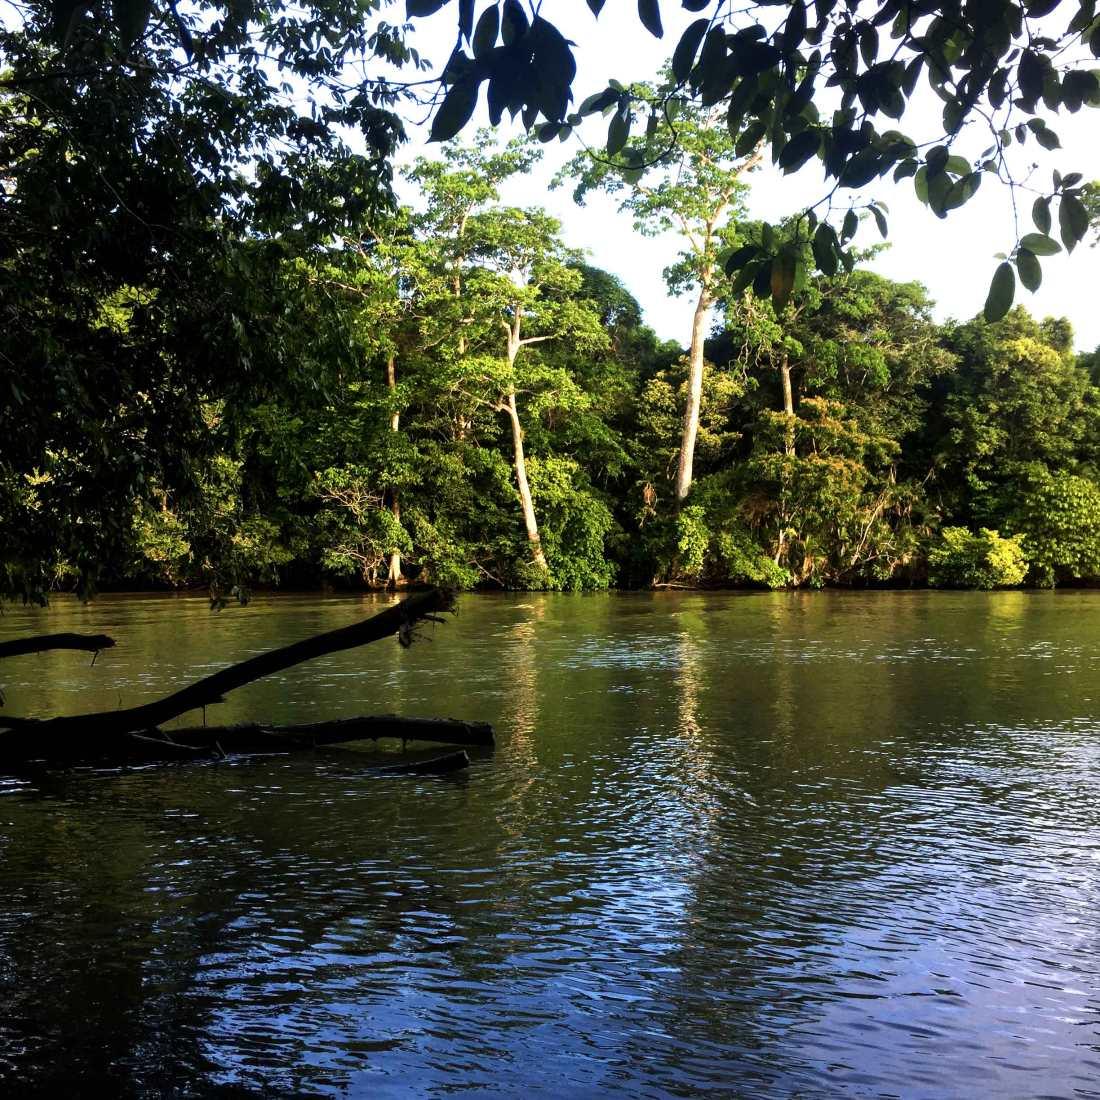 corcovado_crossing_river_web.jpg